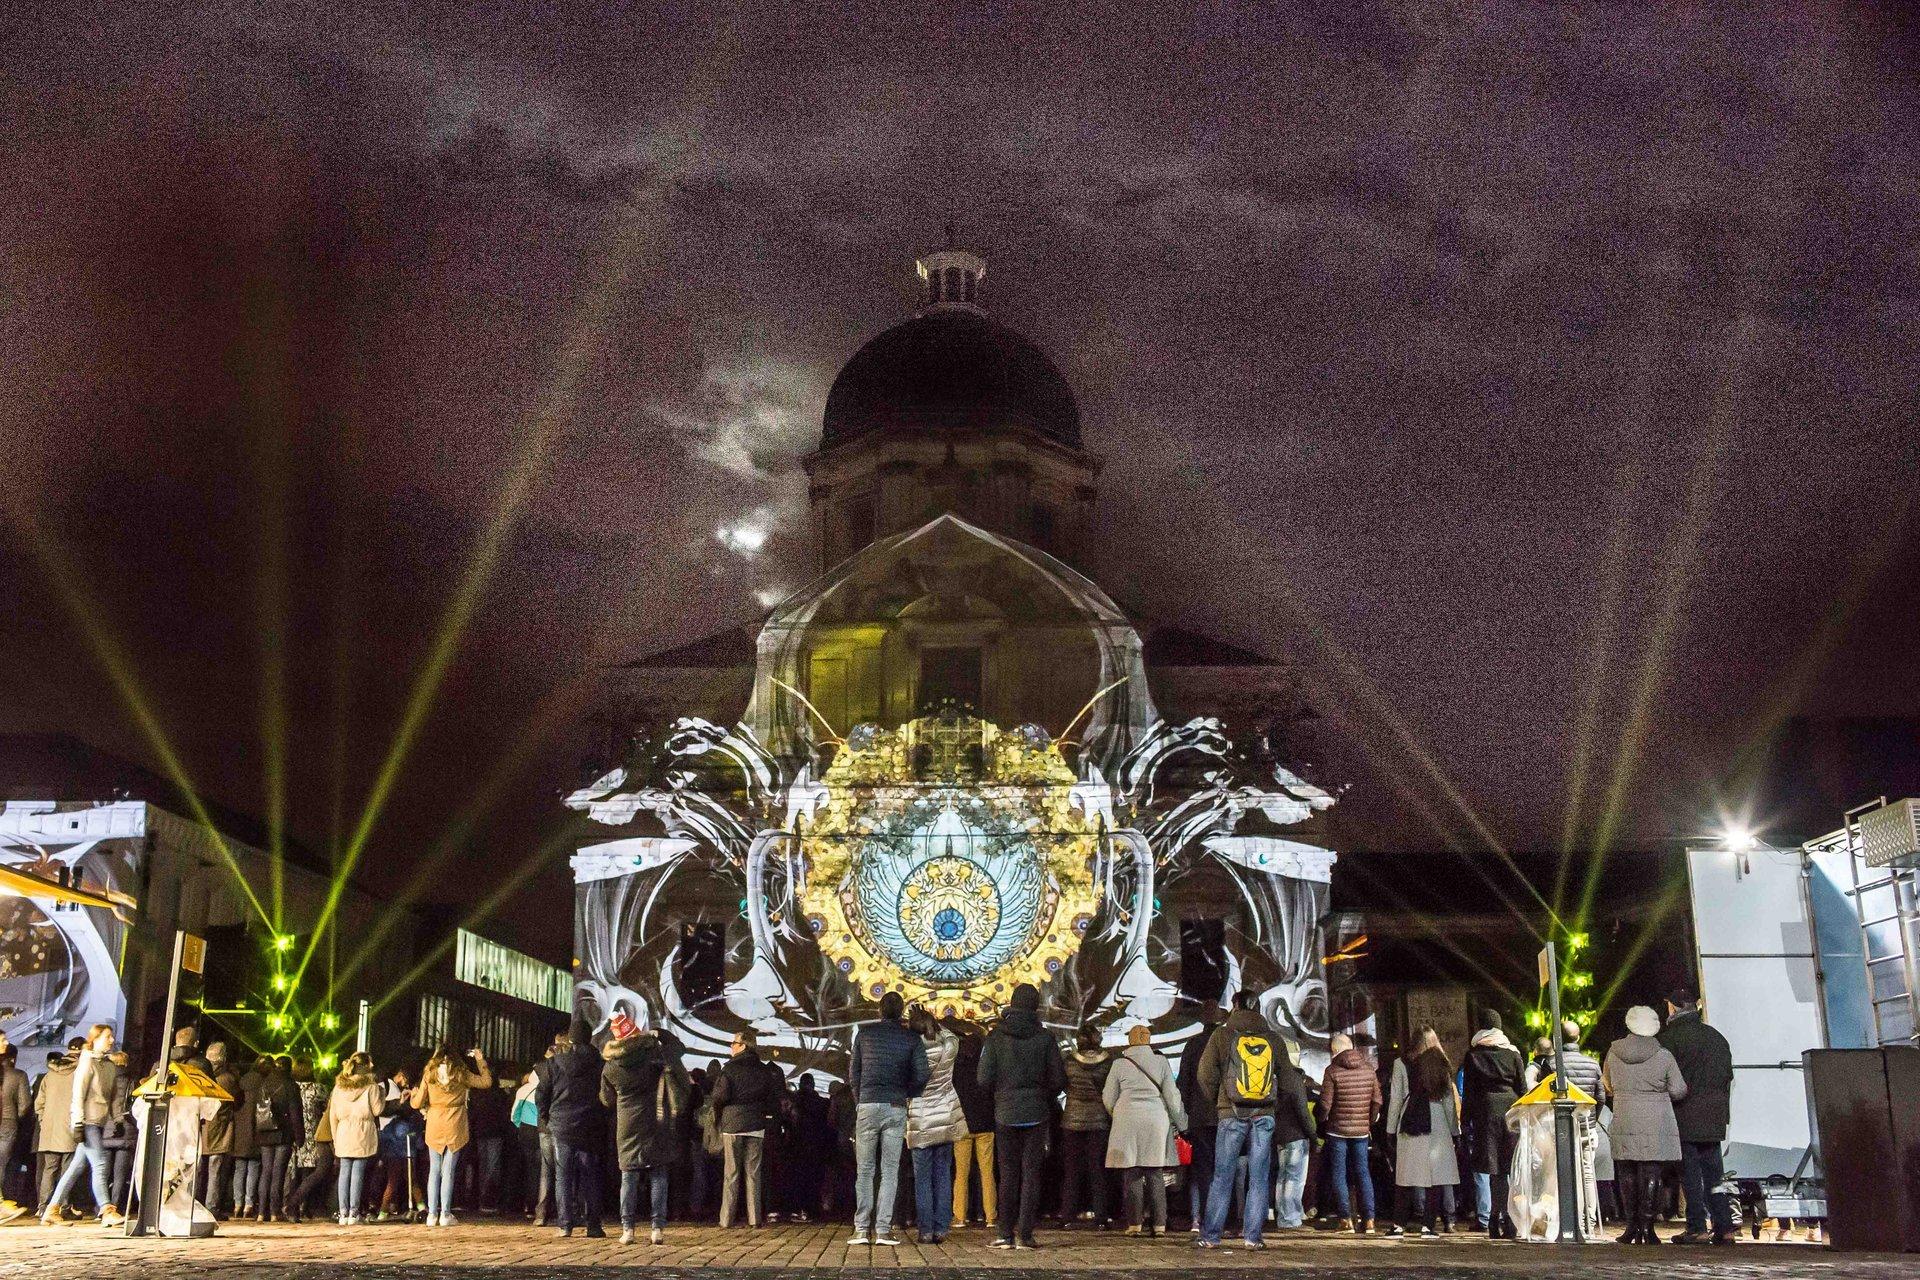 Ghent Light Festival in Belgium - Best Season 2020